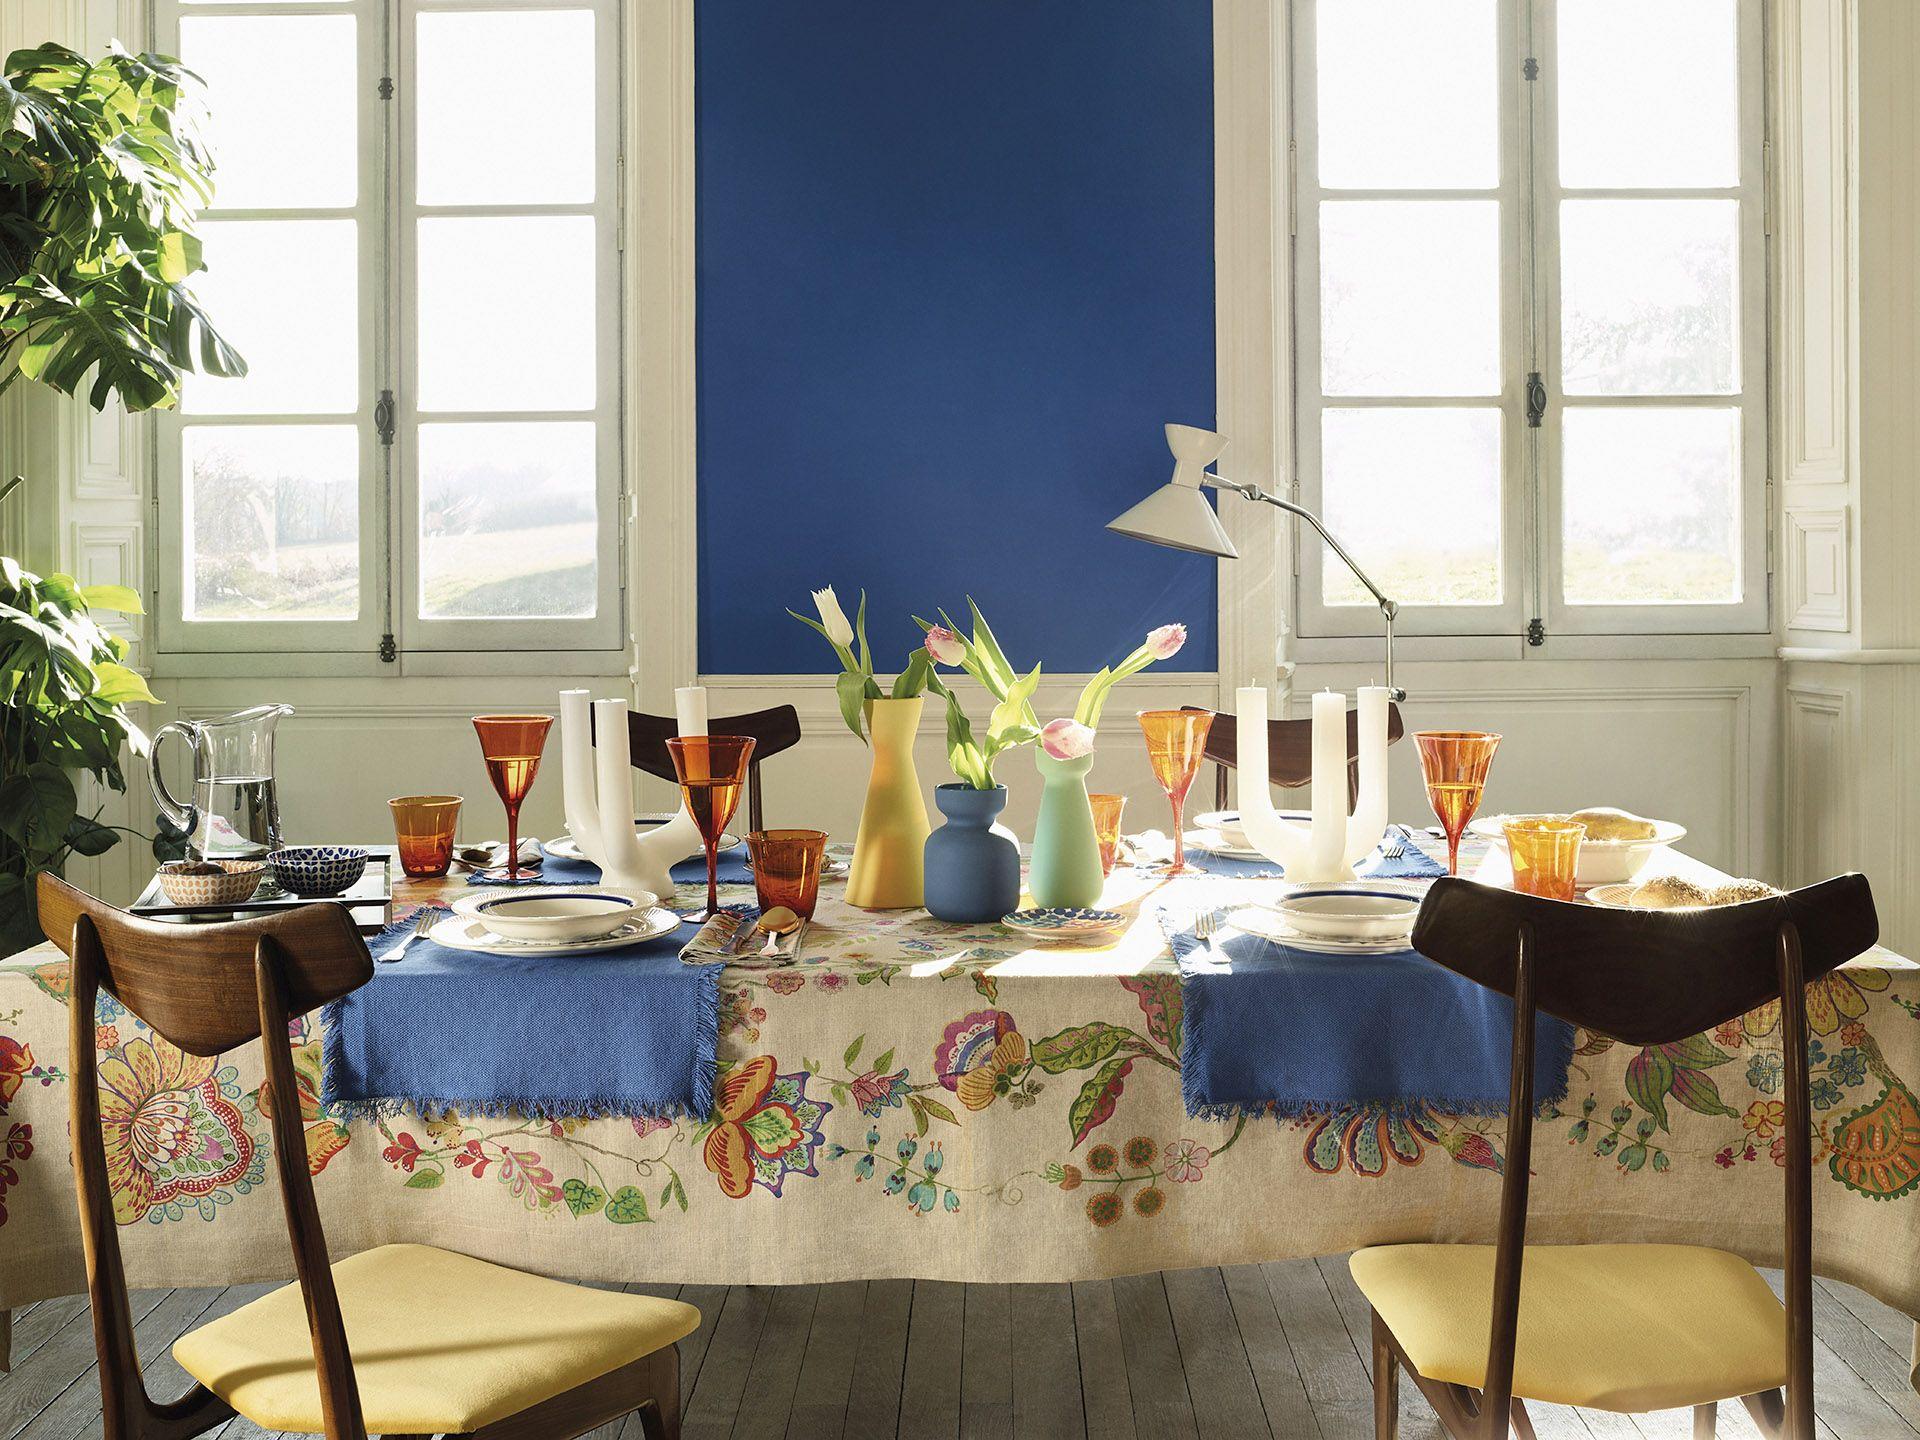 Zara Home | Zara Home | Pinterest | Decoraciones de mesa, Mesas y ...